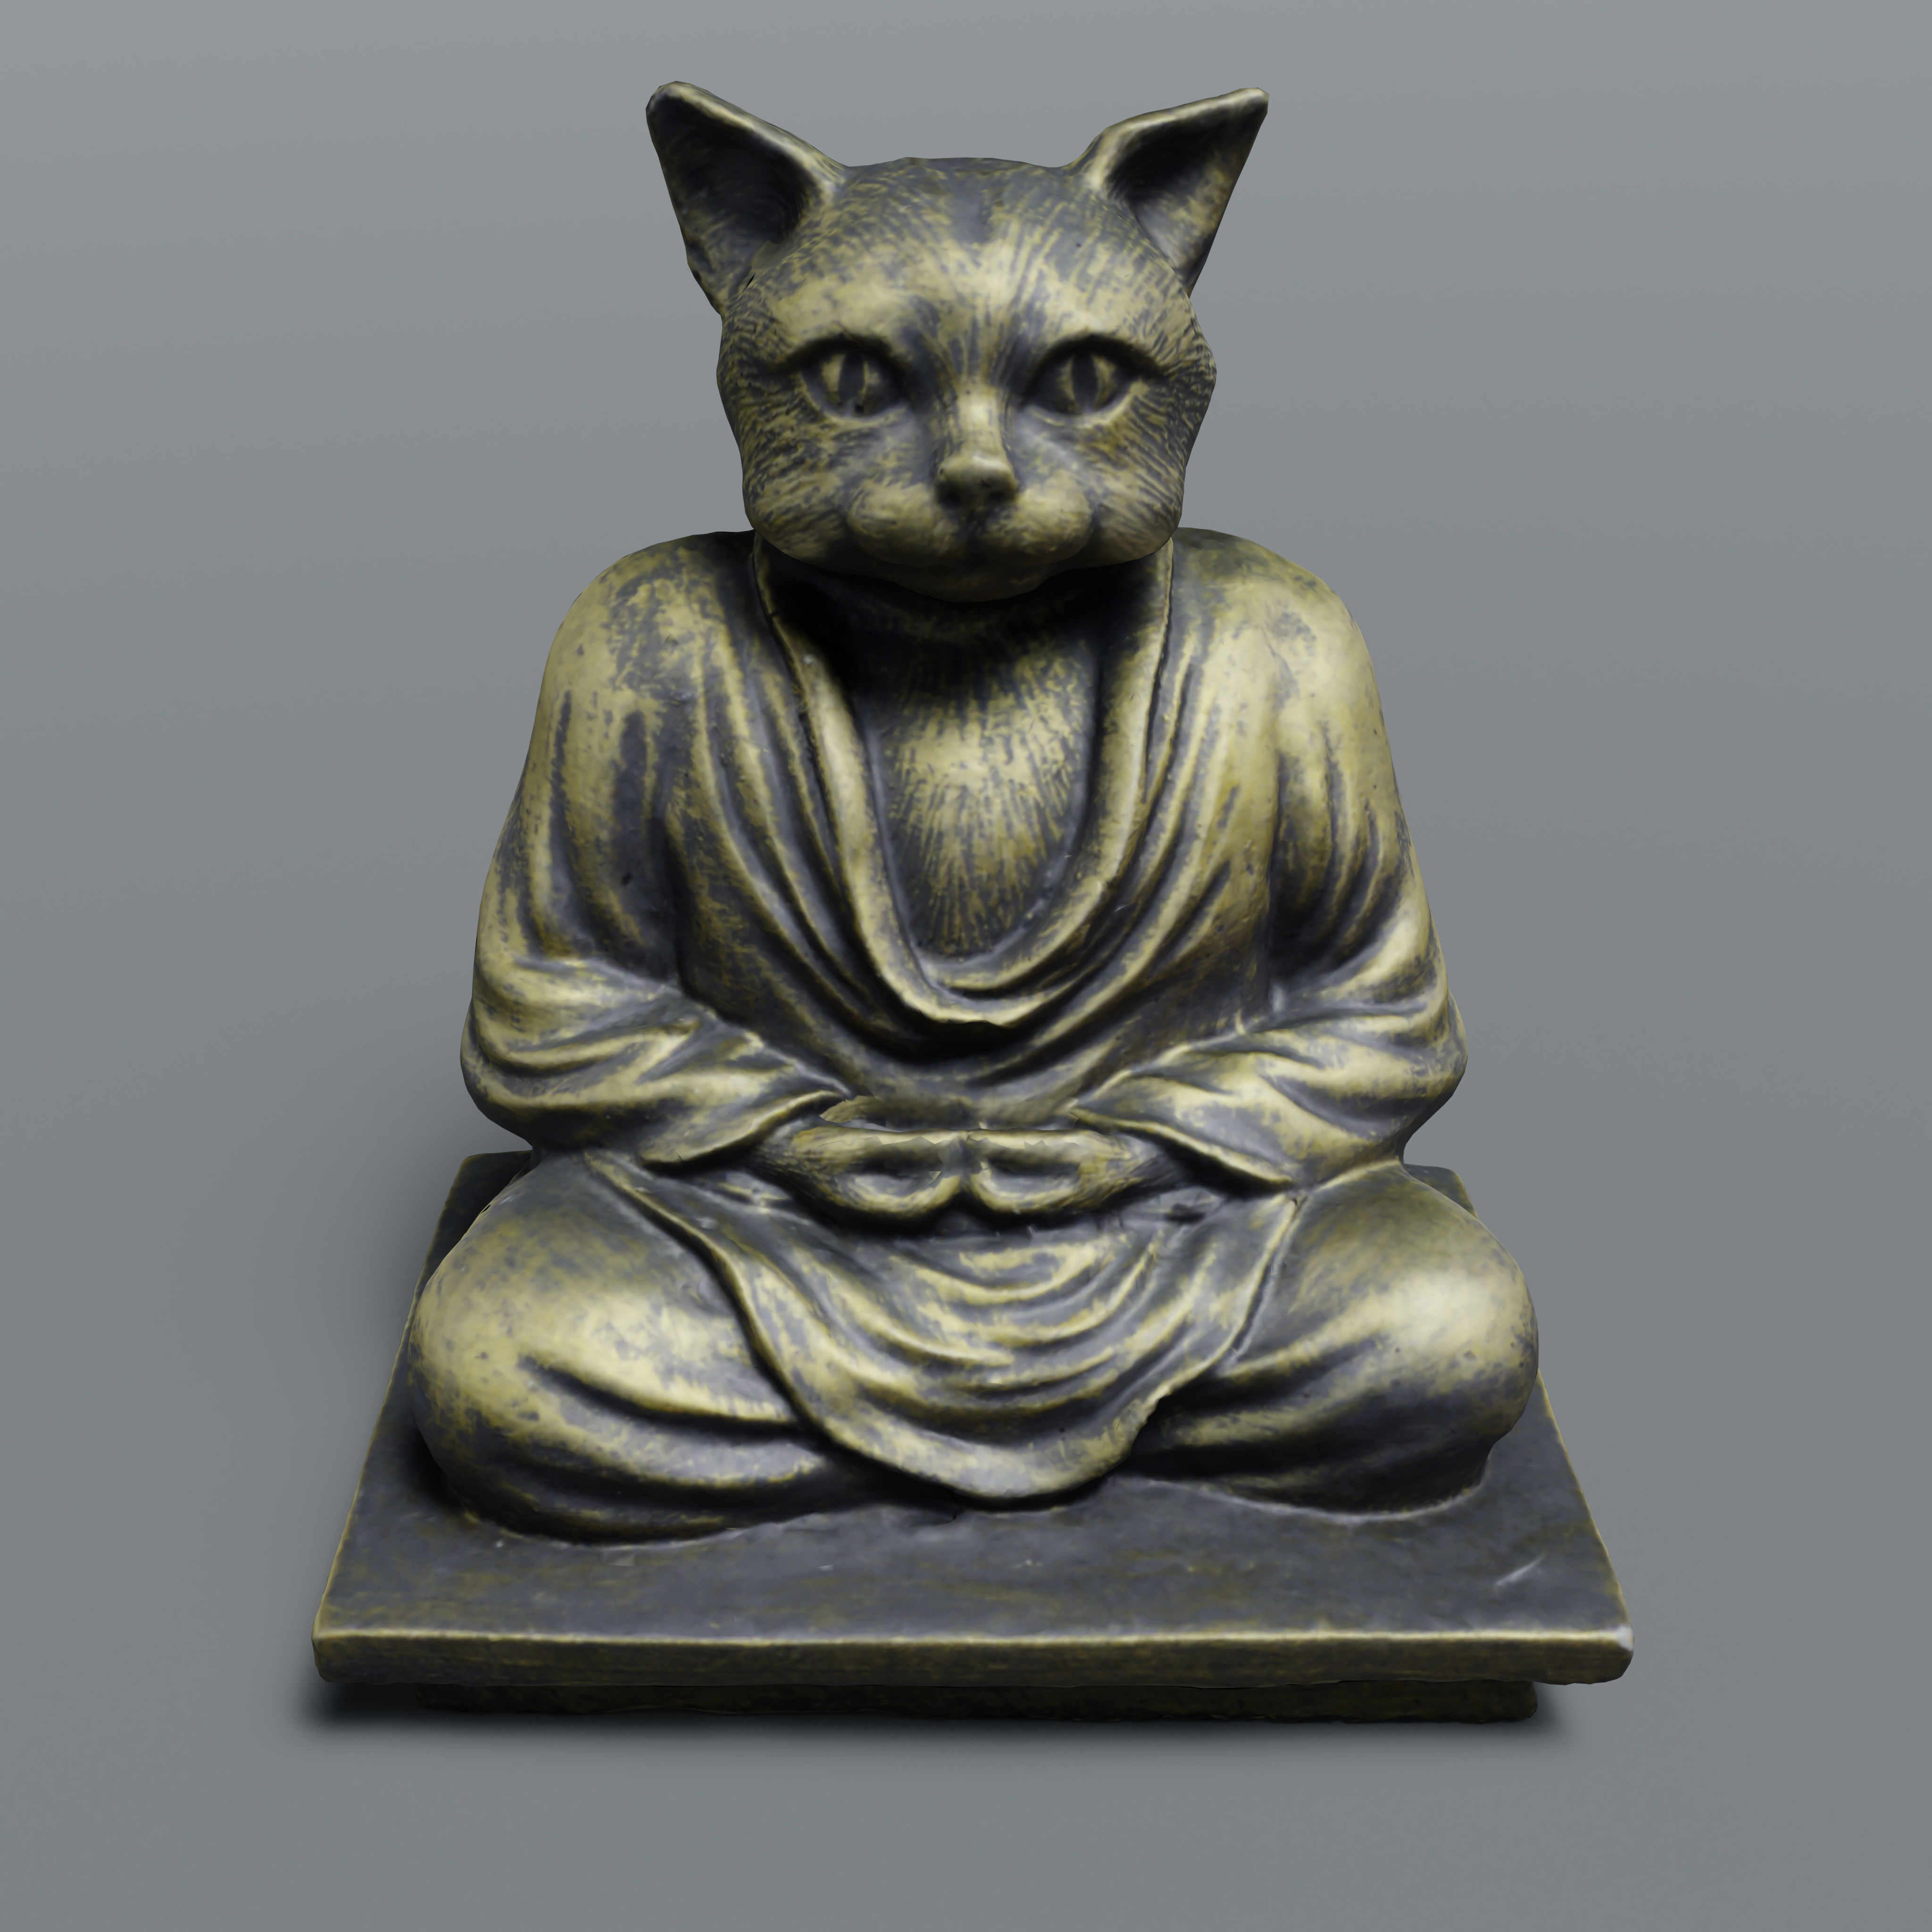 Buddah Cat